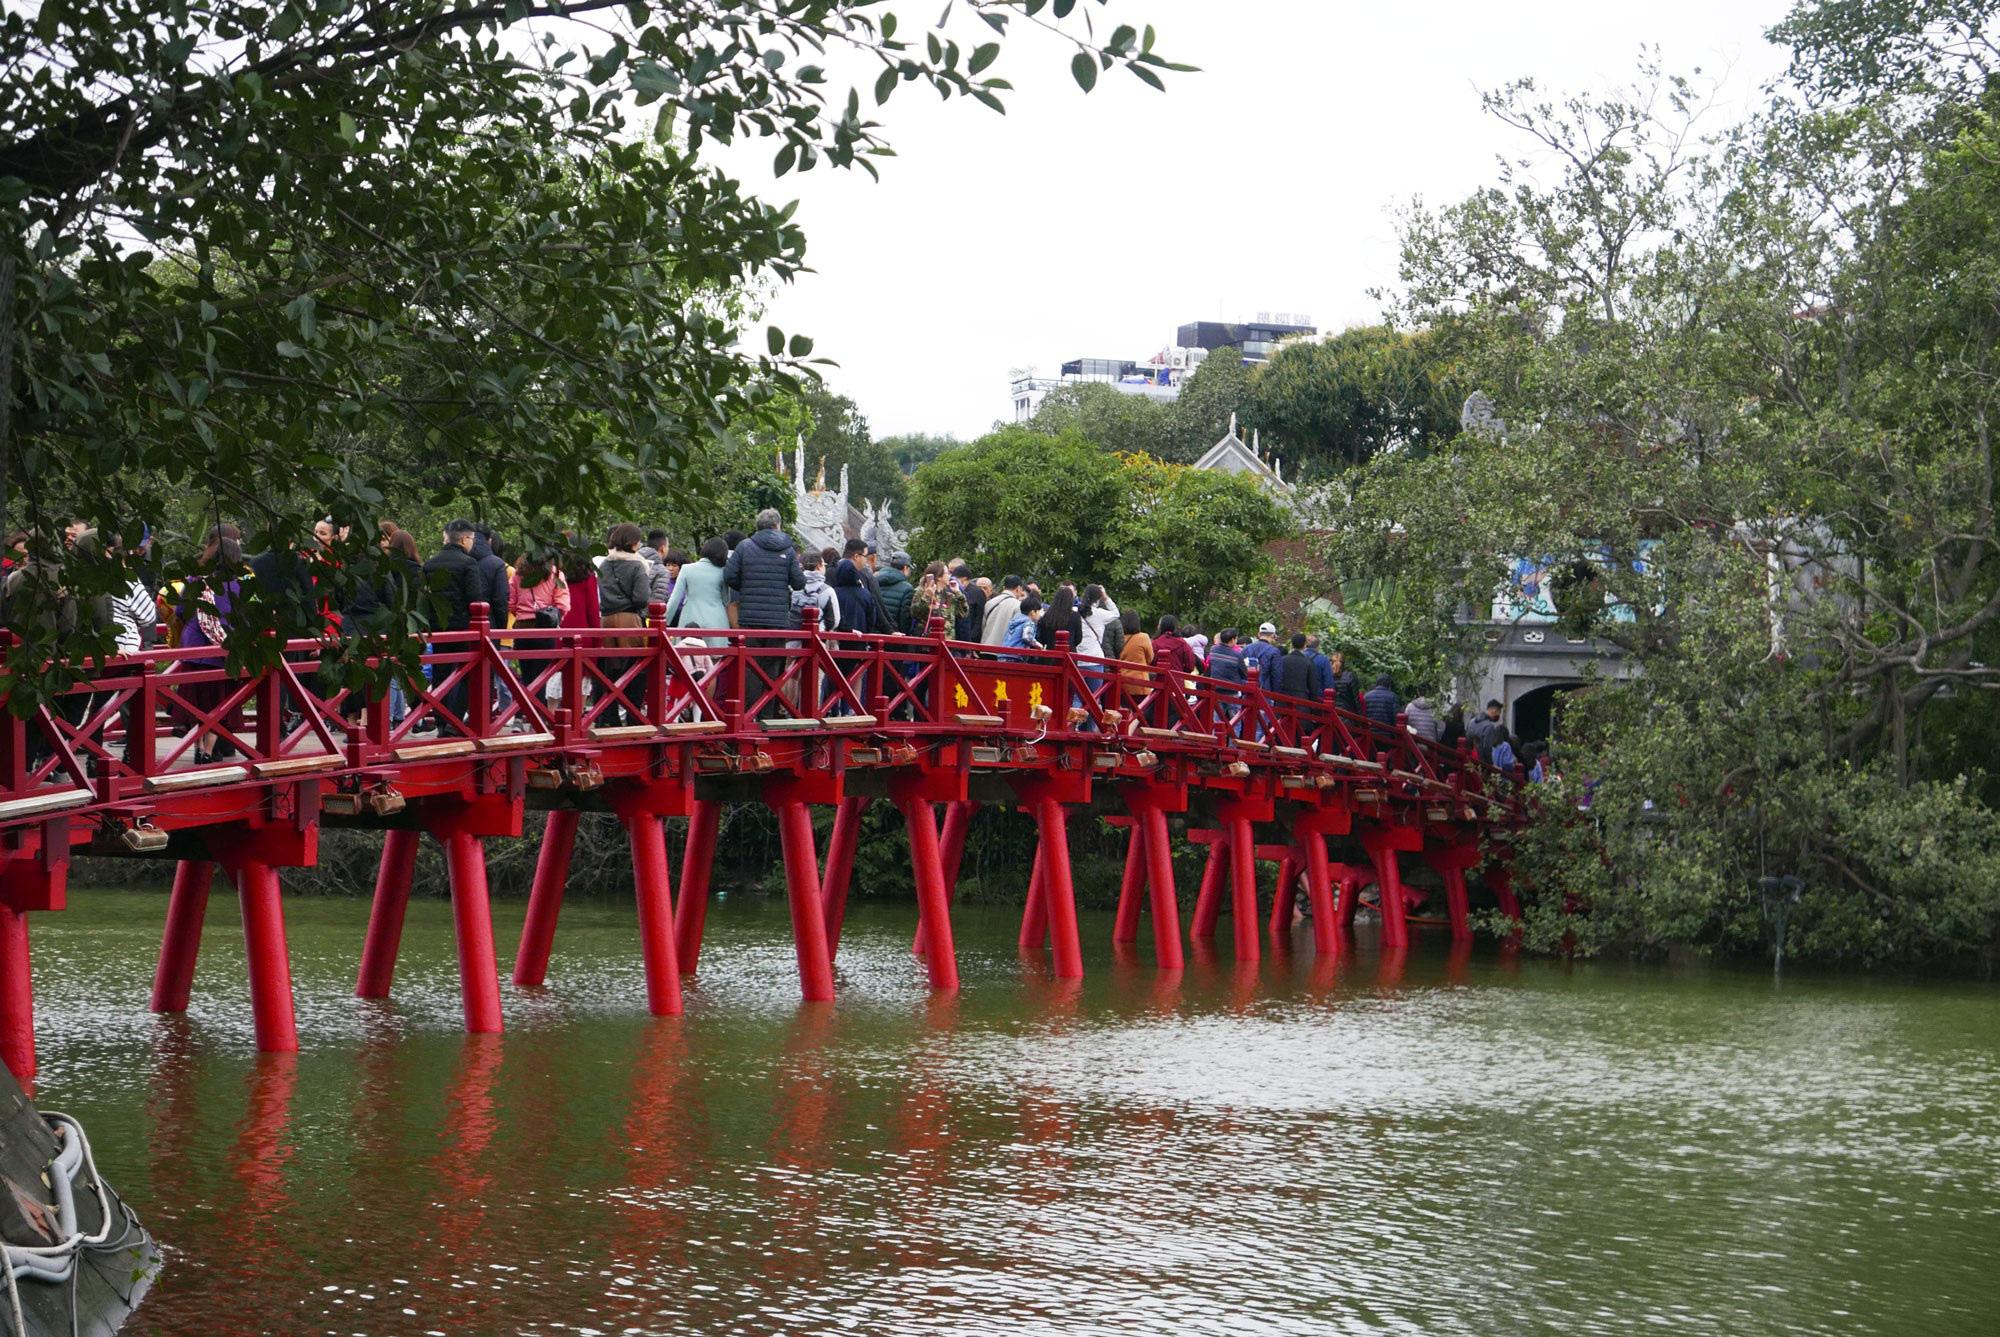 Cảnh lễ đền dưới mưa xuân tuyệt đẹp ở Hà Nội ngày mùng 1 Tết - Ảnh 2.